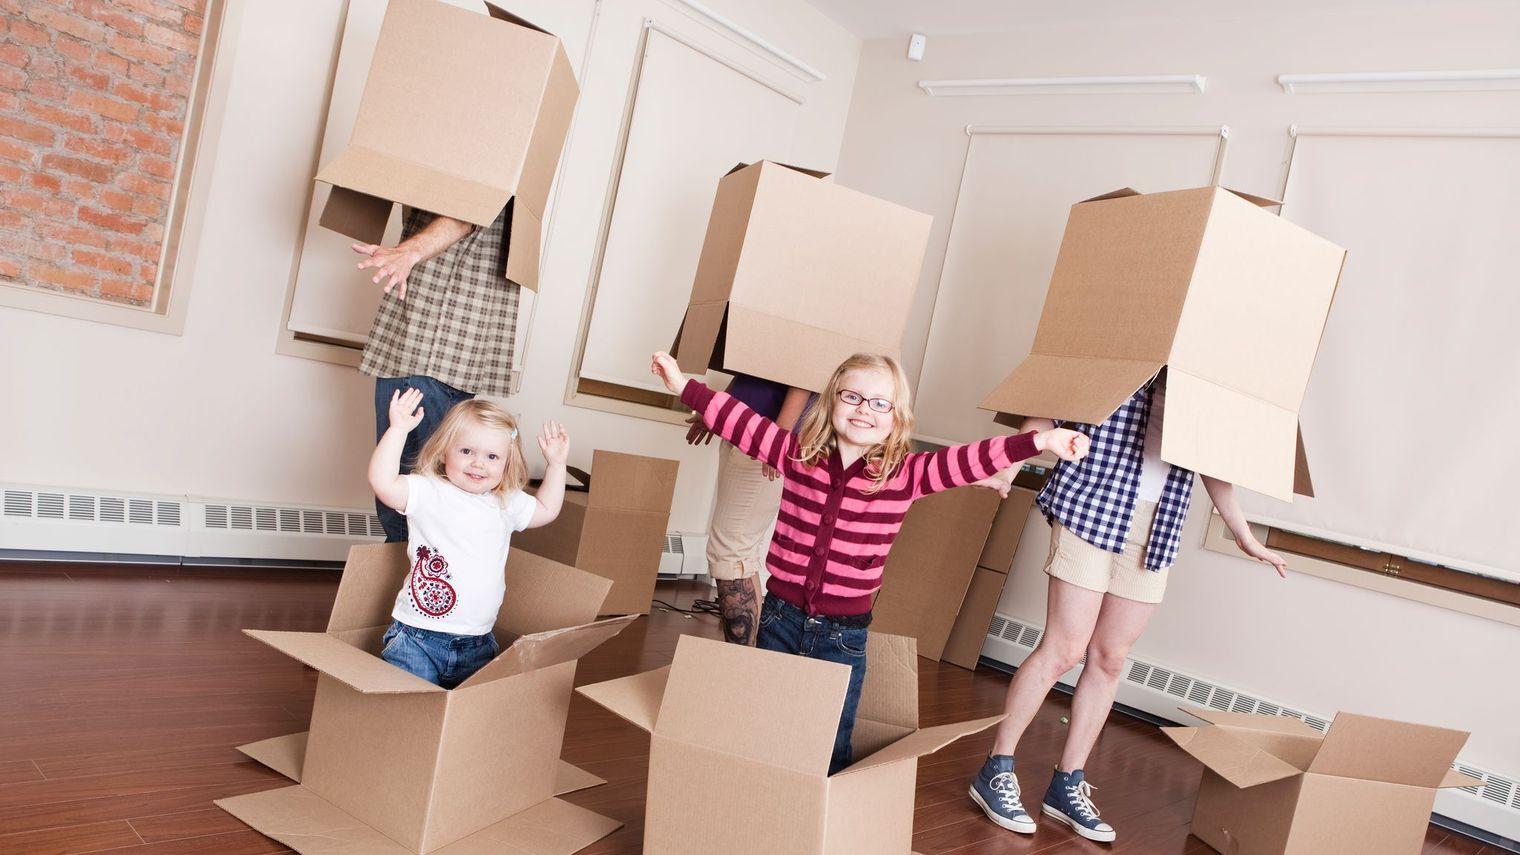 Réussir intégration nouveau collaborateur autre ville famille enfants logement déménagement